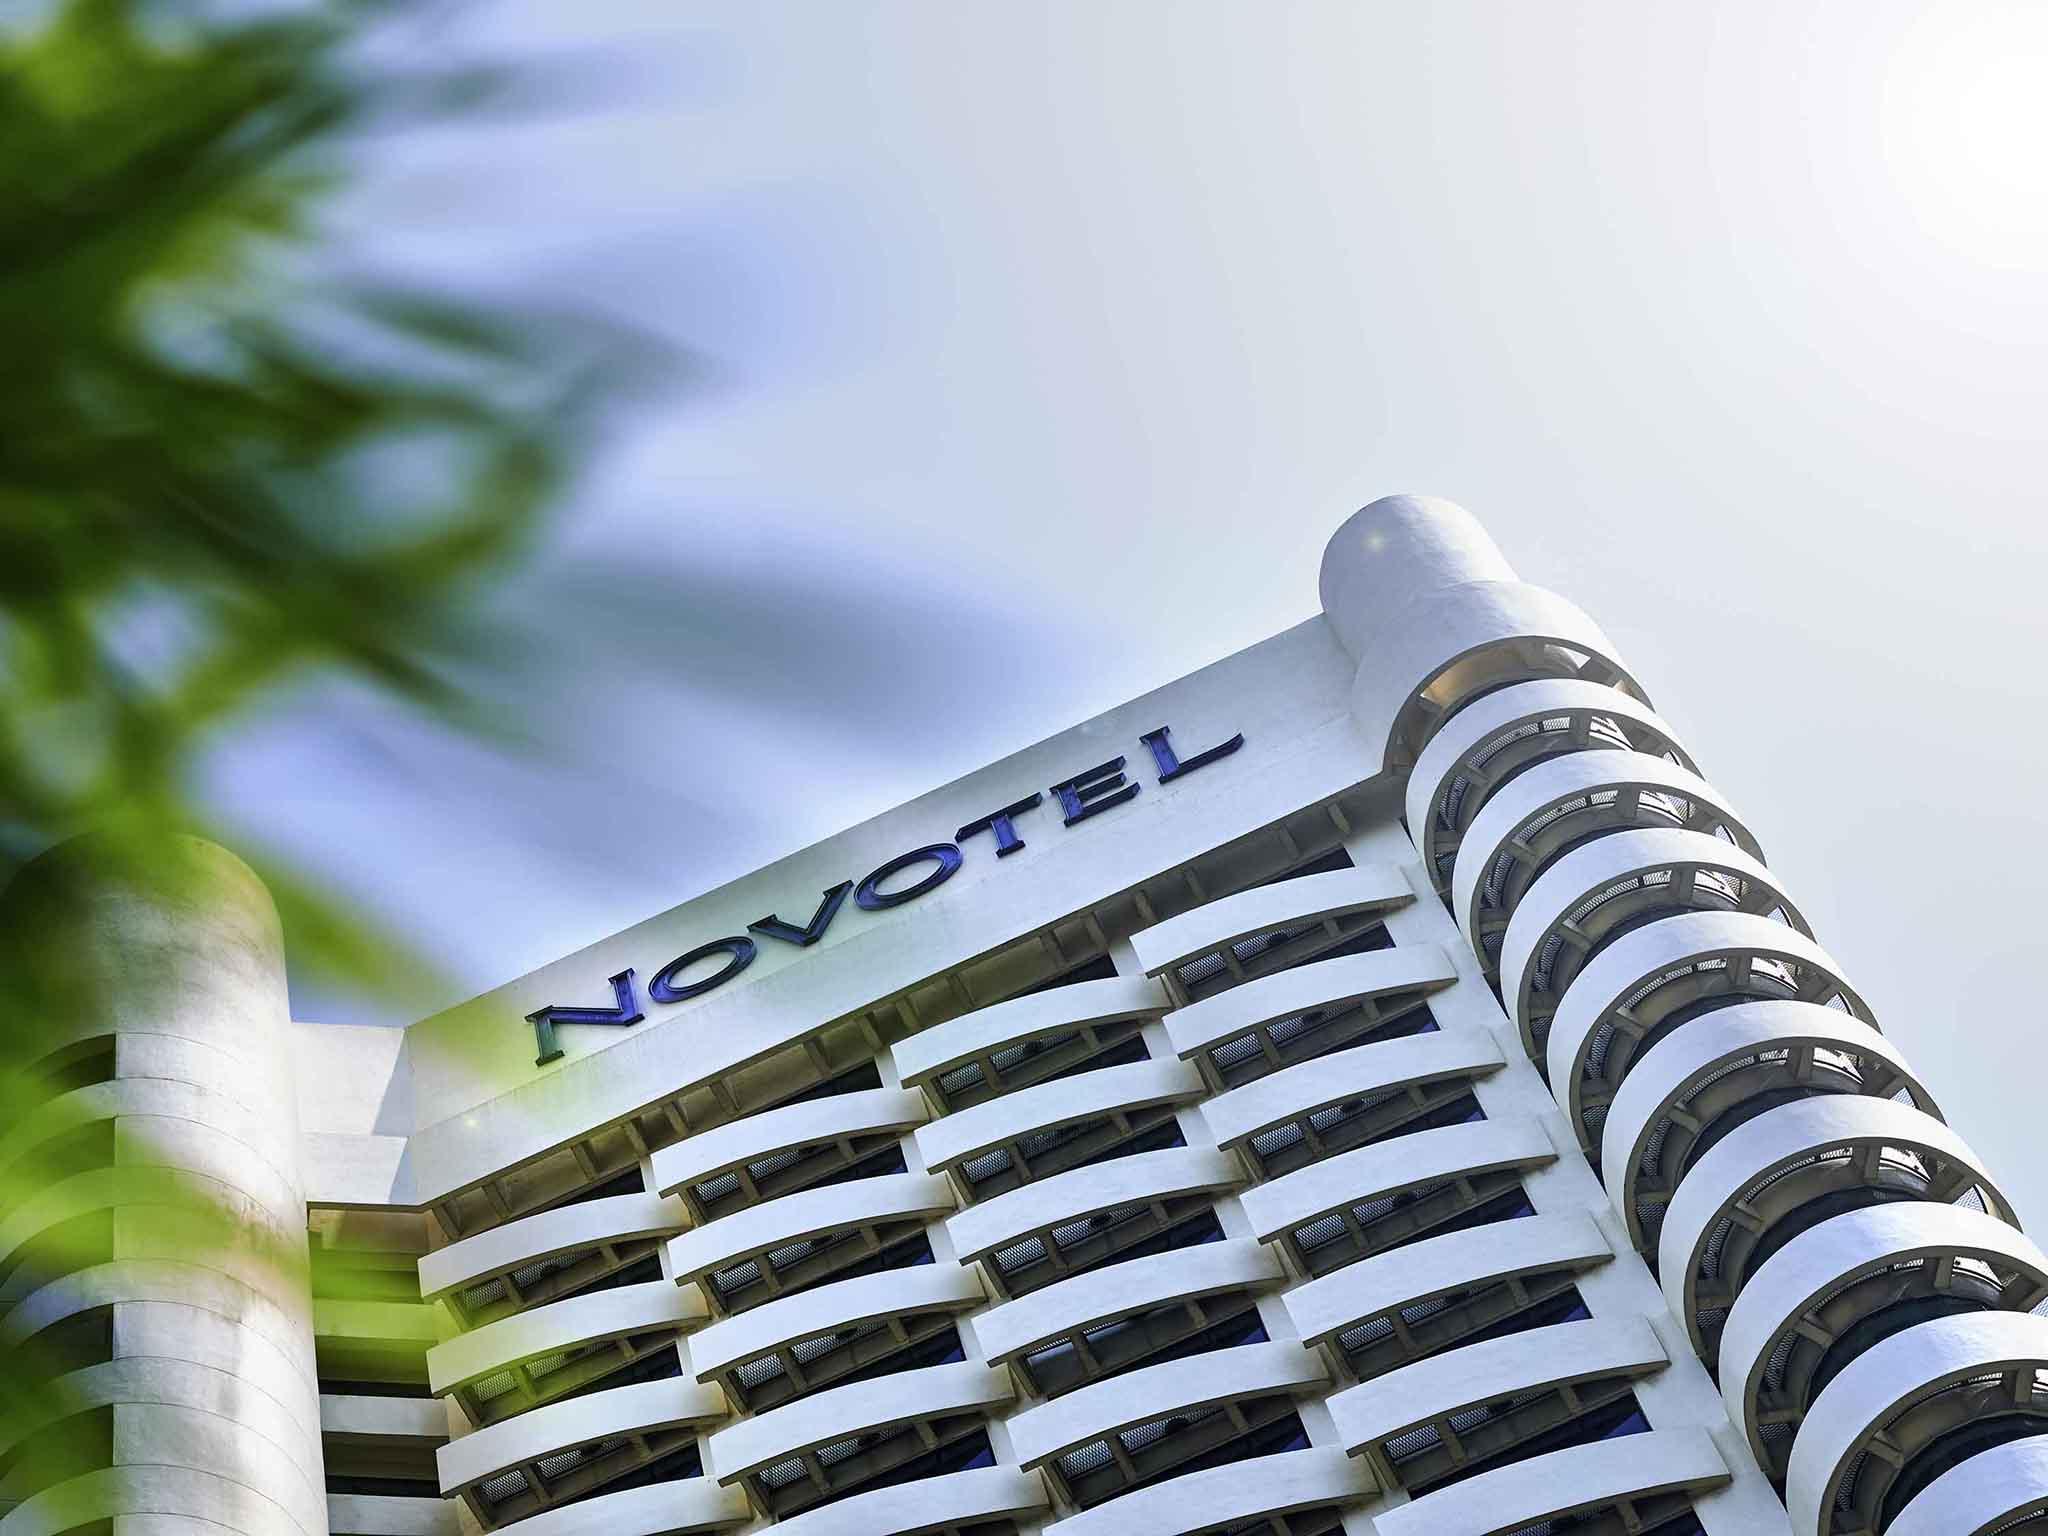 โรงแรม – โนโวเทล กัวลาลัมเปอร์ ซิตี้เซ็นเตอร์